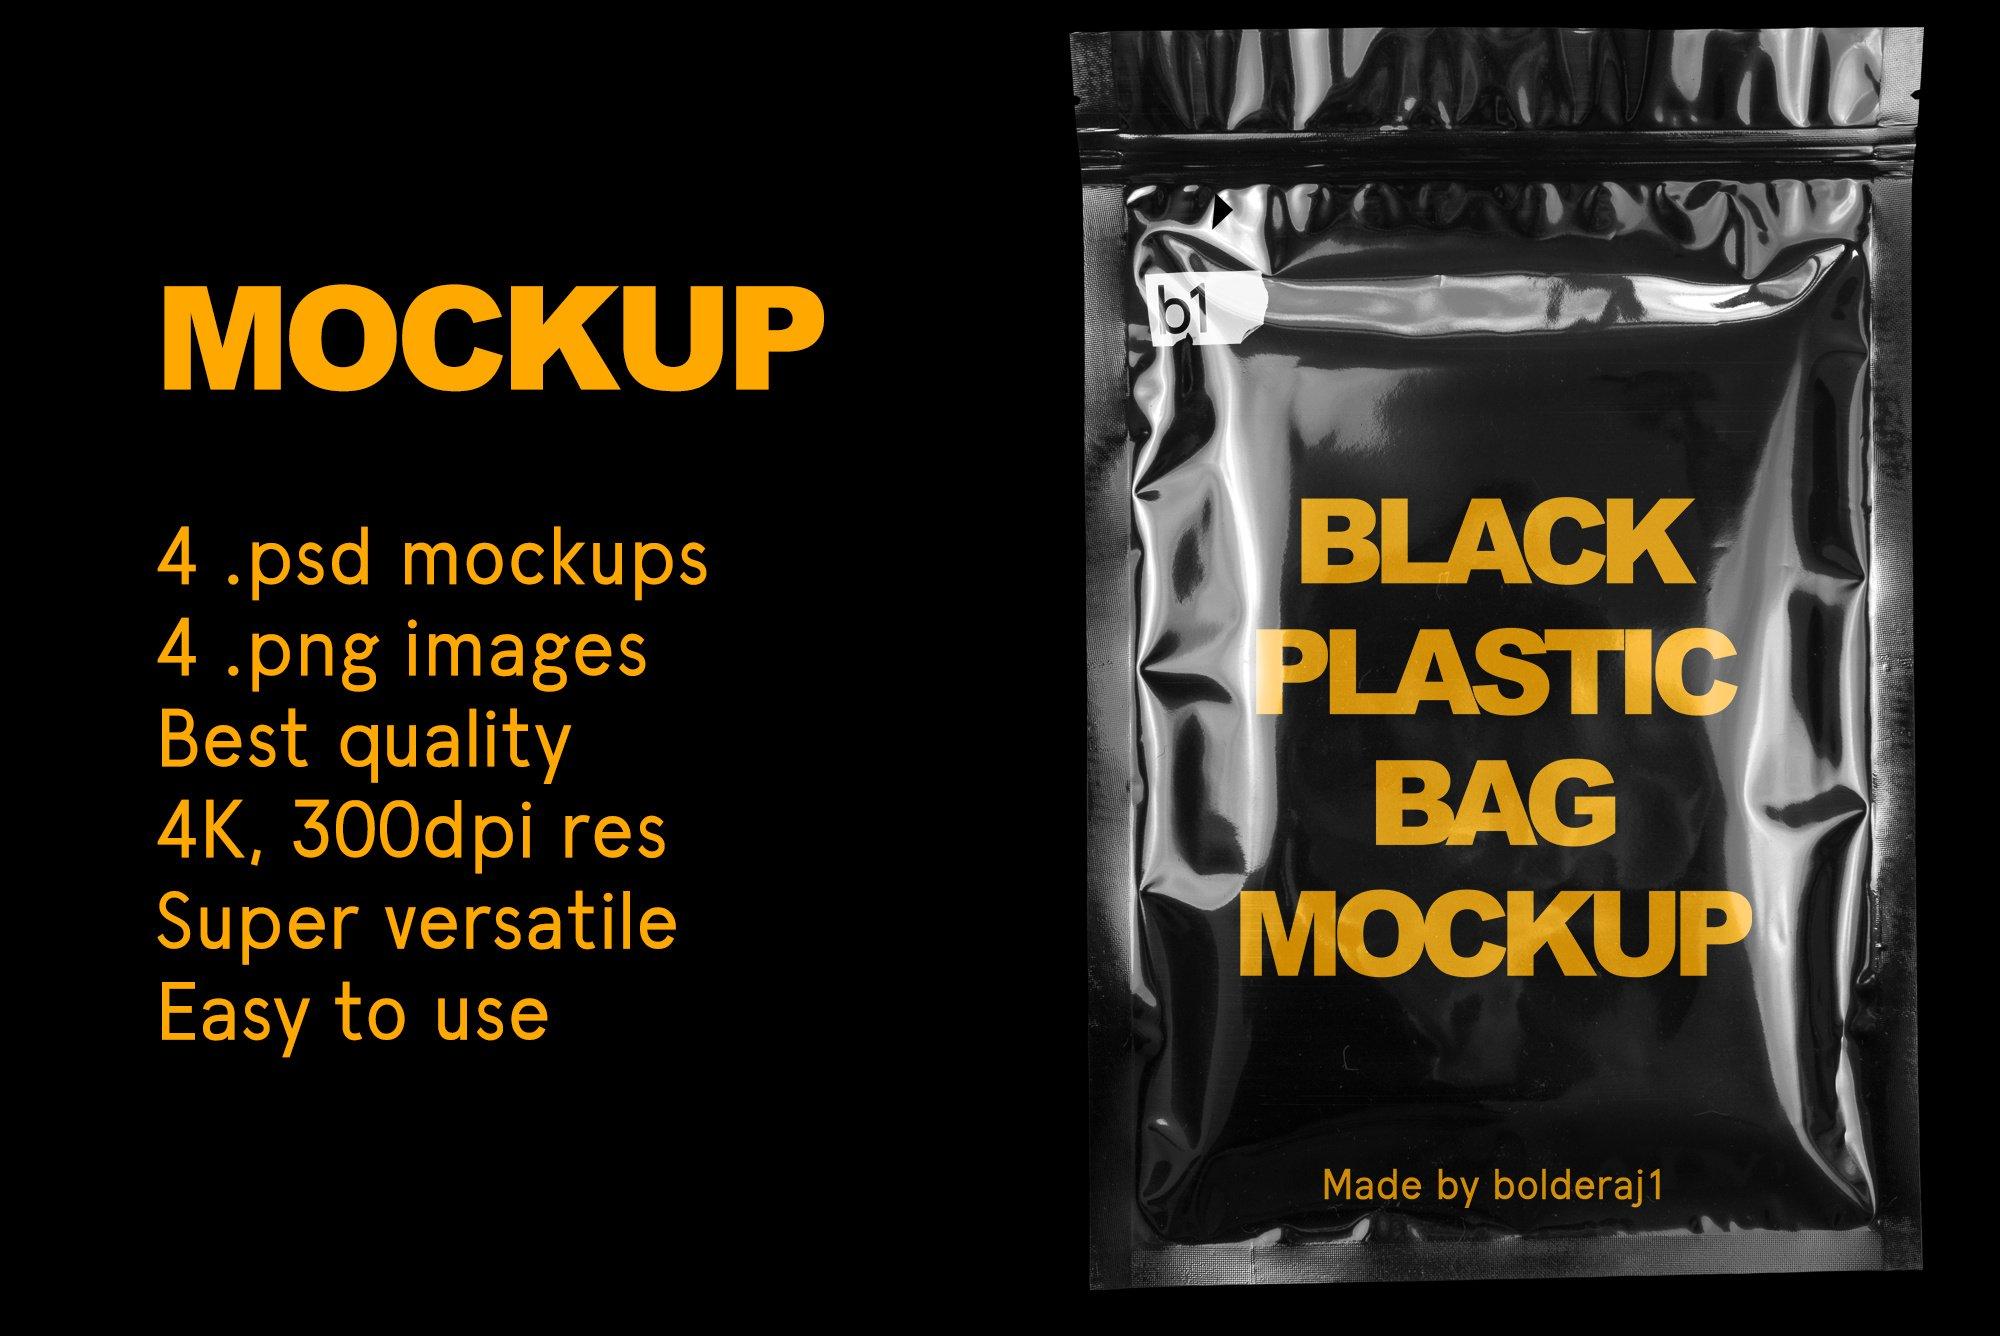 超酷新潮黑色独特逼真文具塑料褶皱塑料袋纹理PSD模板(4352)插图(1)